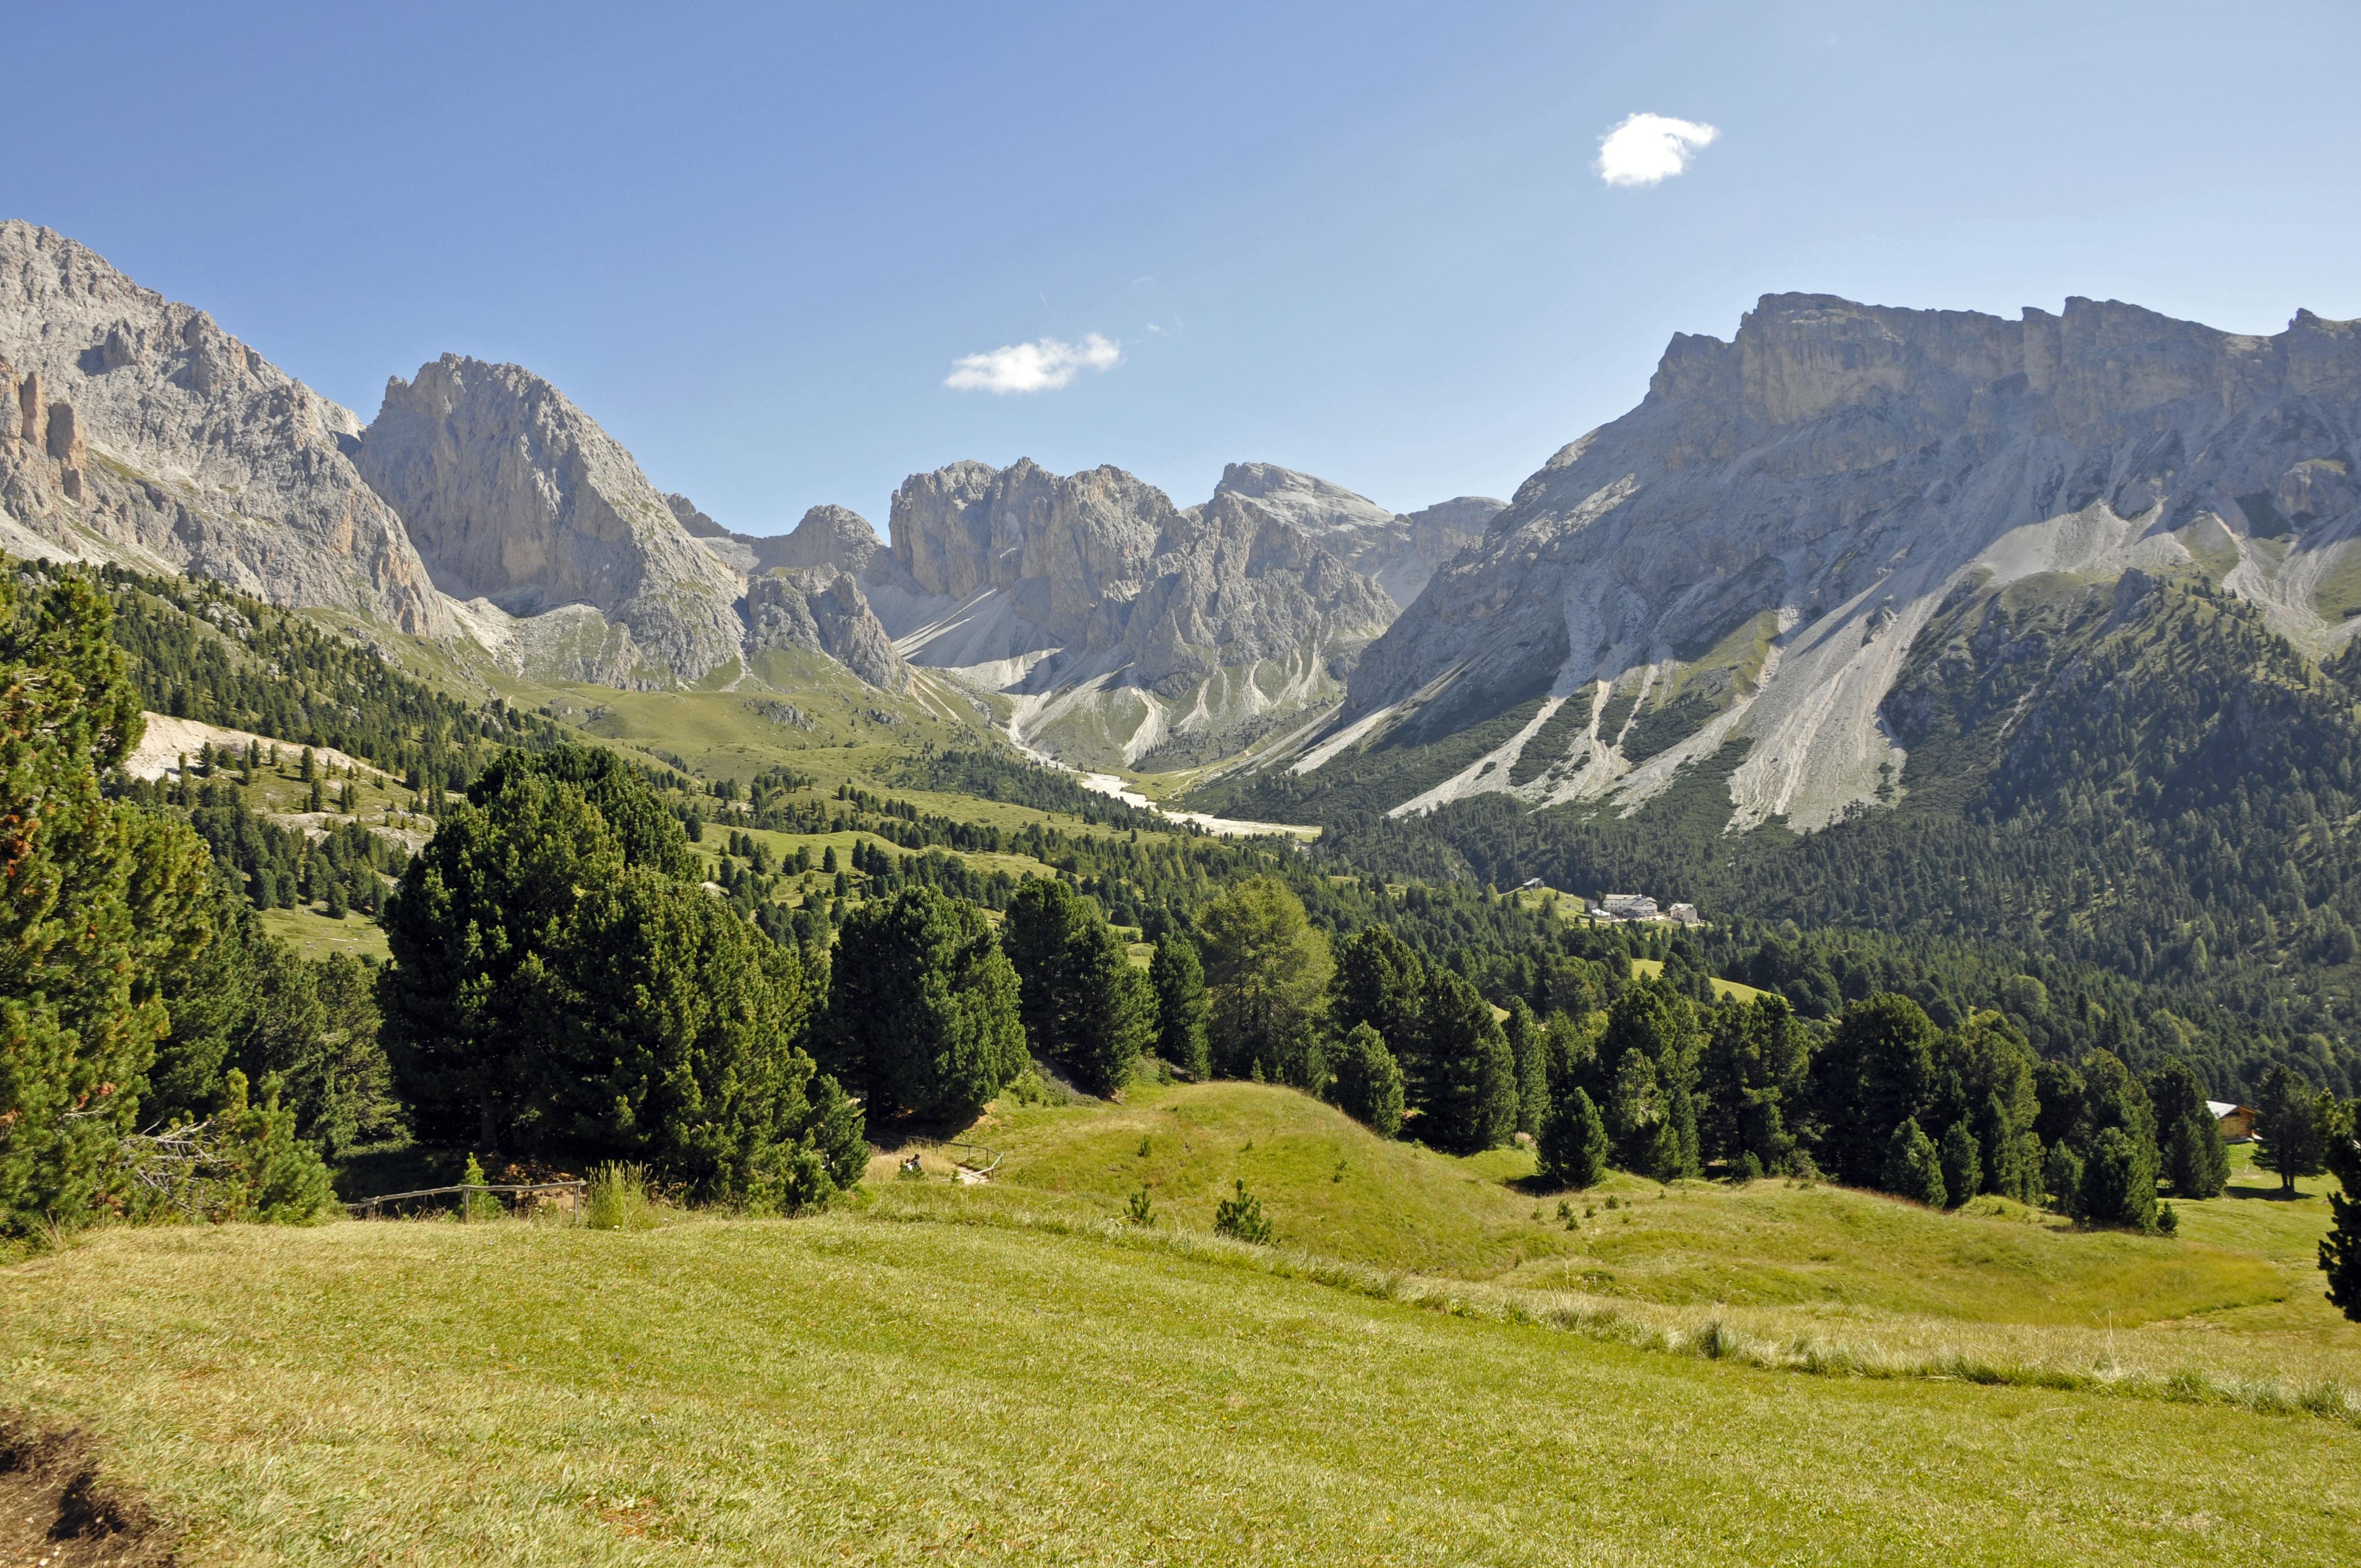 vista panoramica in Val Gardena dal sentiero dell'alpe di cisles